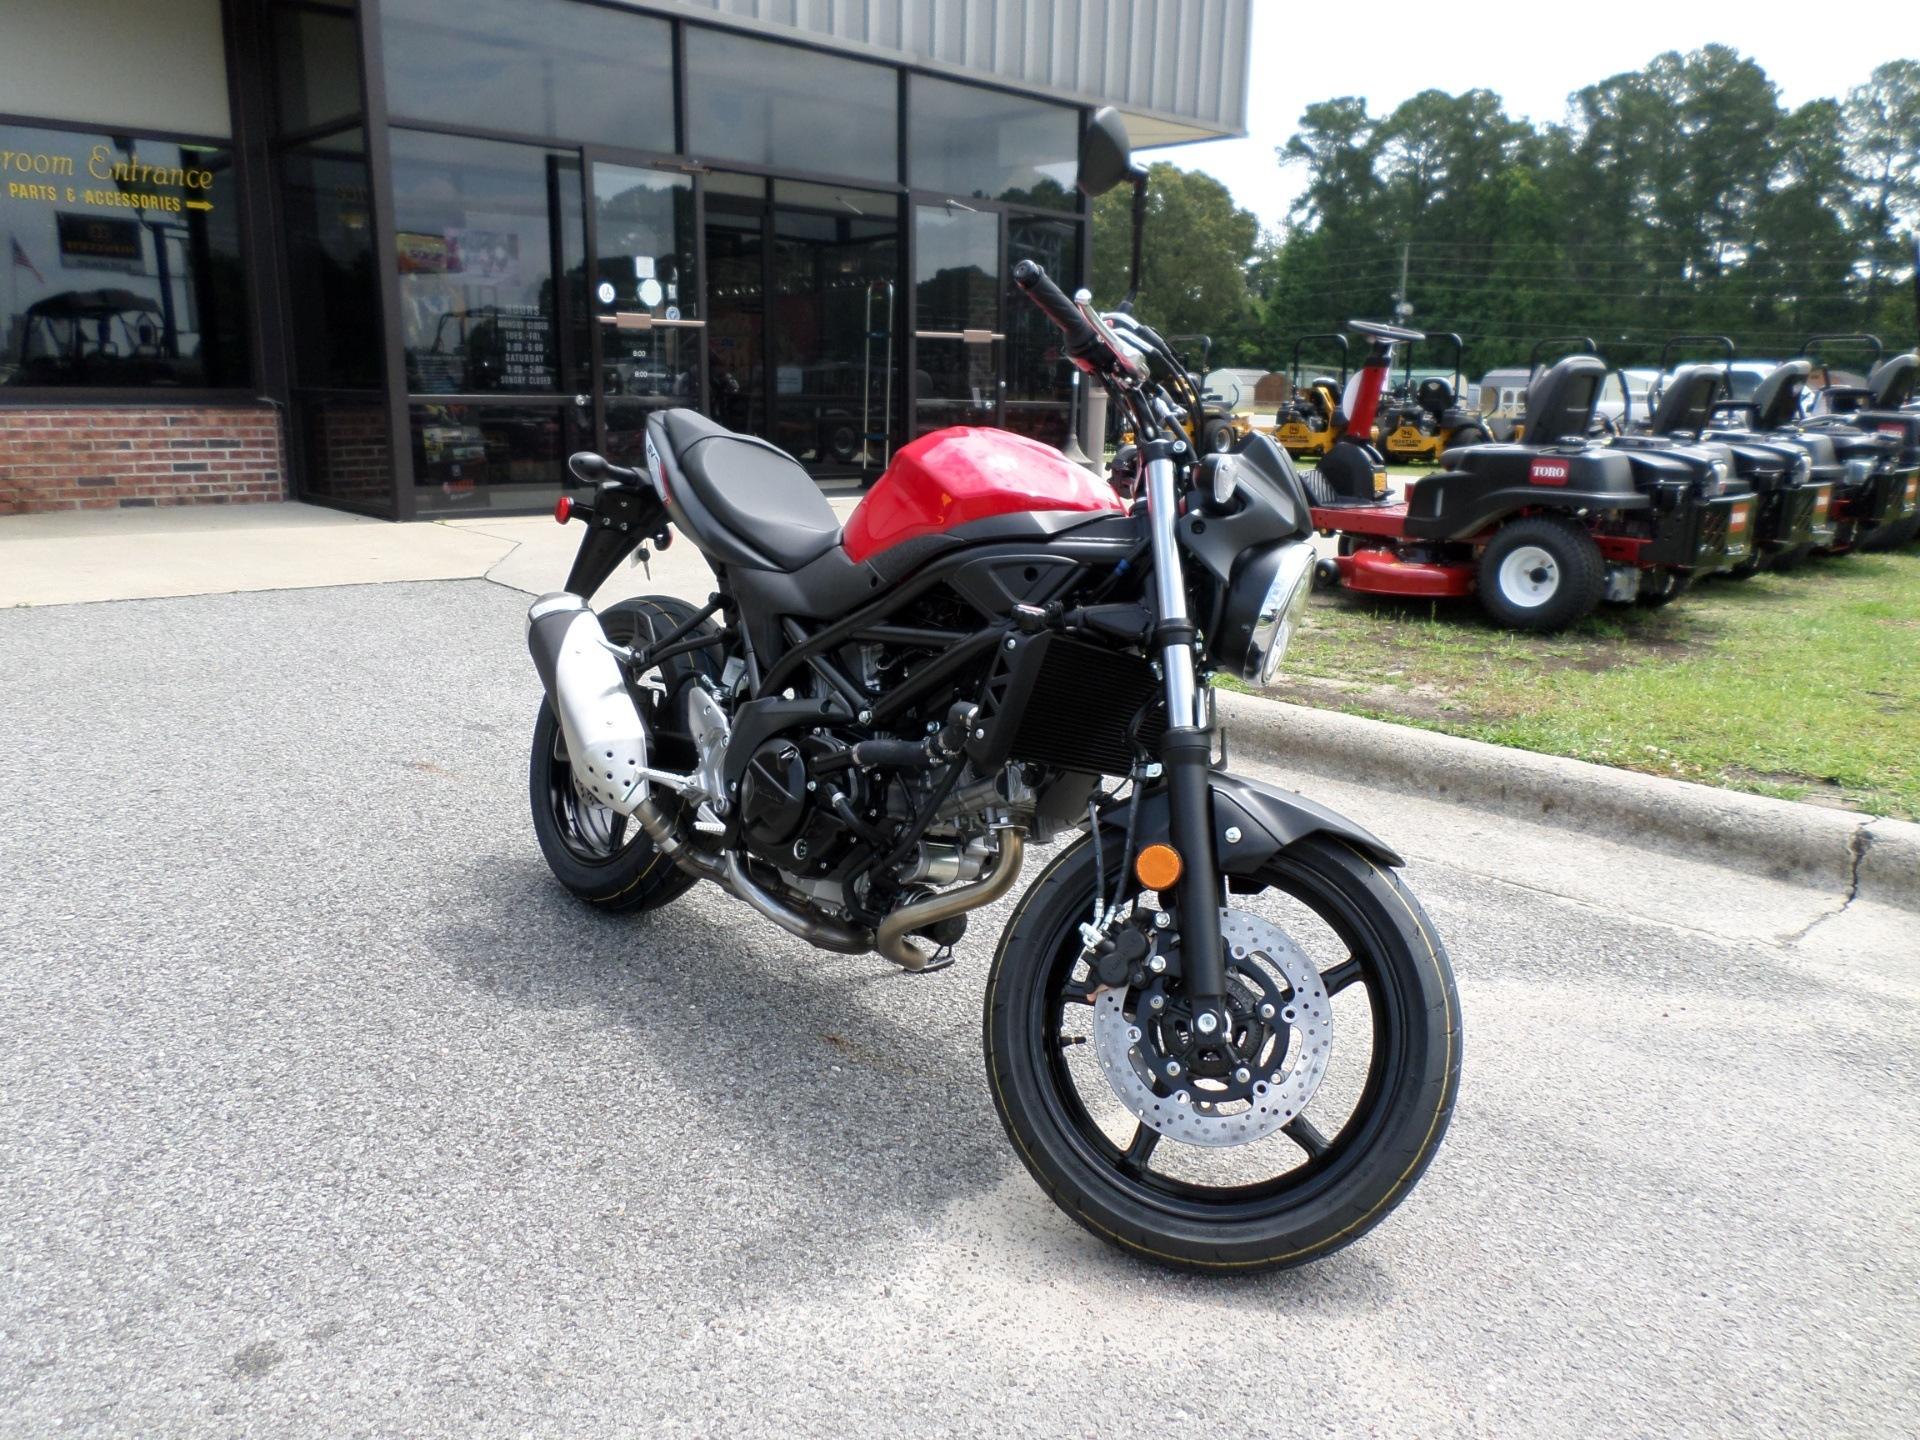 2017 Suzuki SV650 7